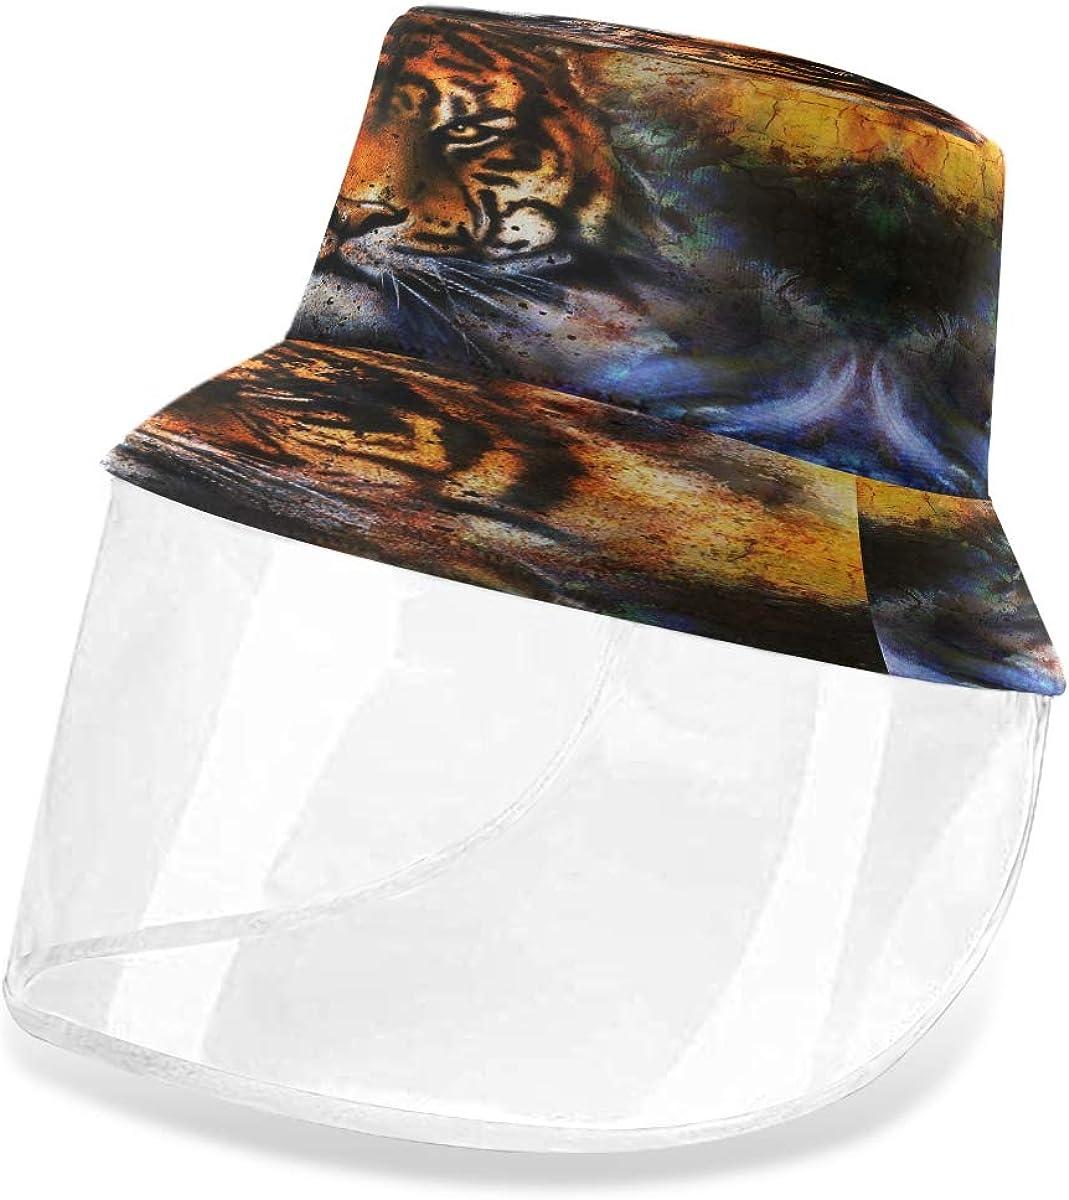 ALARGE - Gorro protector de pescador abstracto con diseño de tigre de galaxia, antipolvo, sol, UV, con máscara de protección facial extraíble, para hombres y mujeres al aire libre